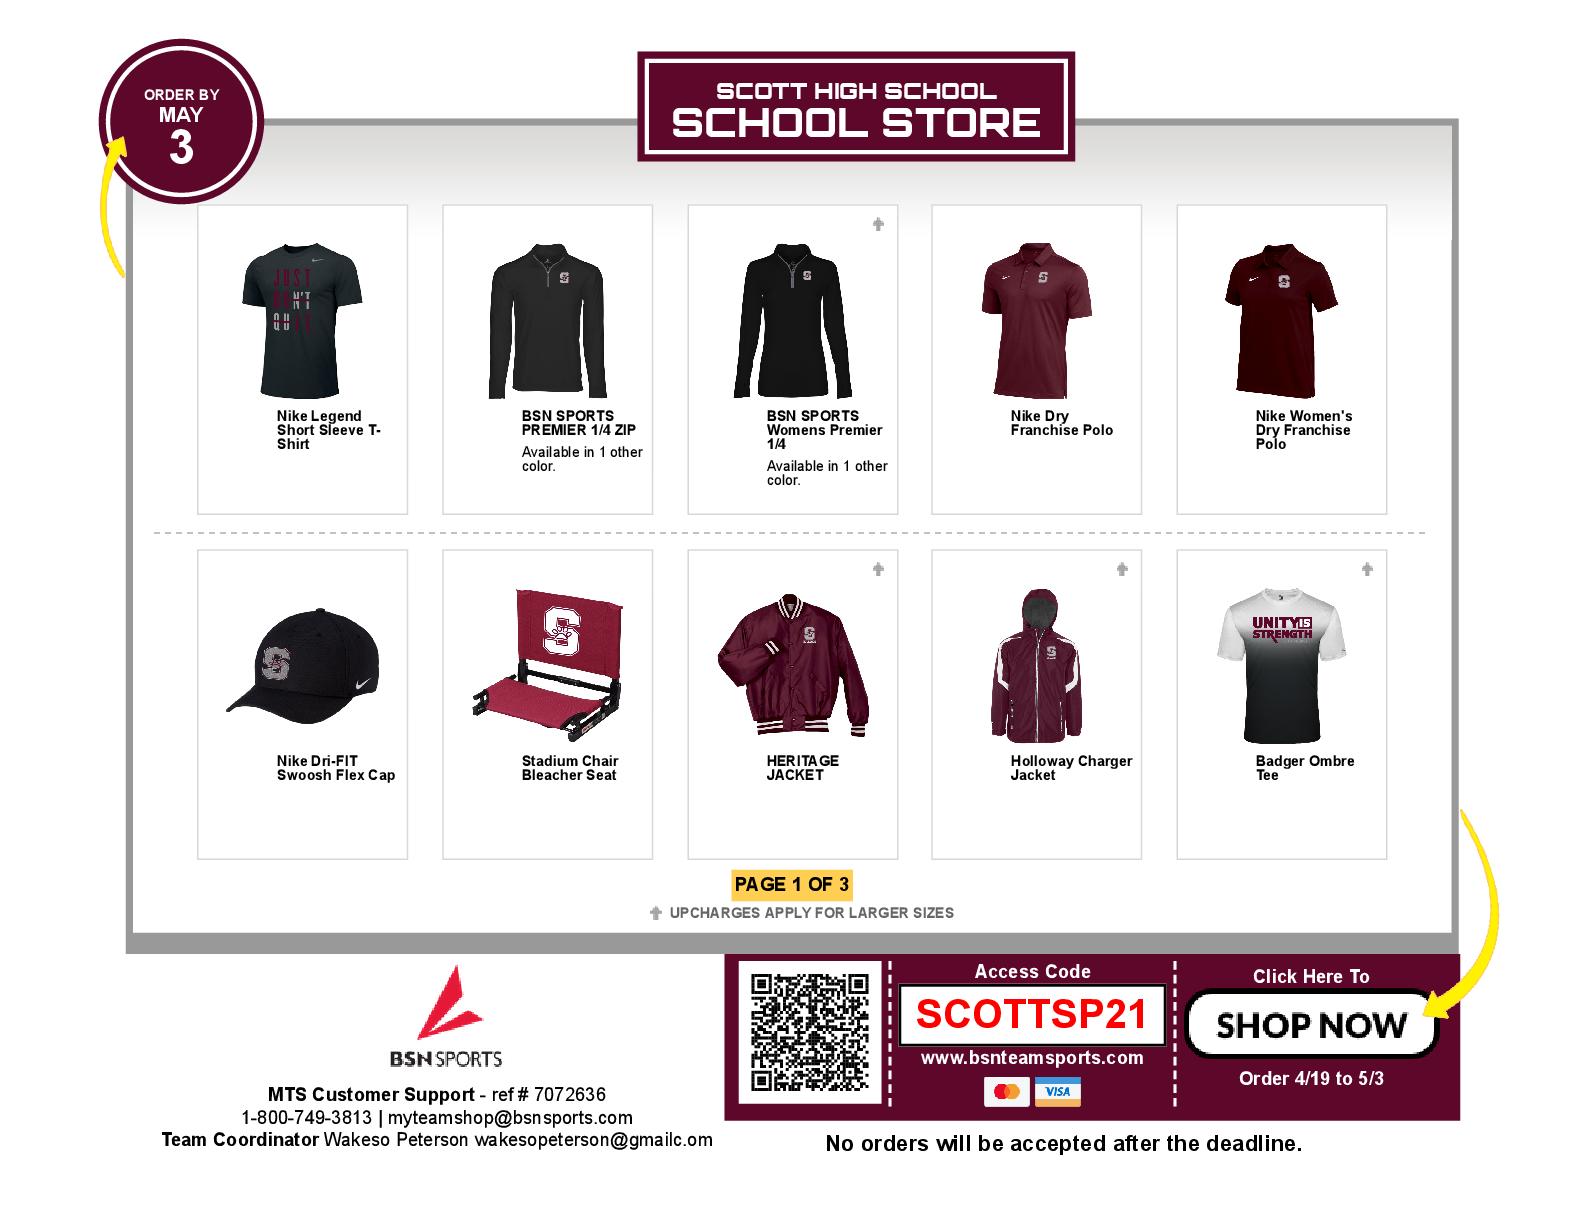 School Store Open until 5/3/21